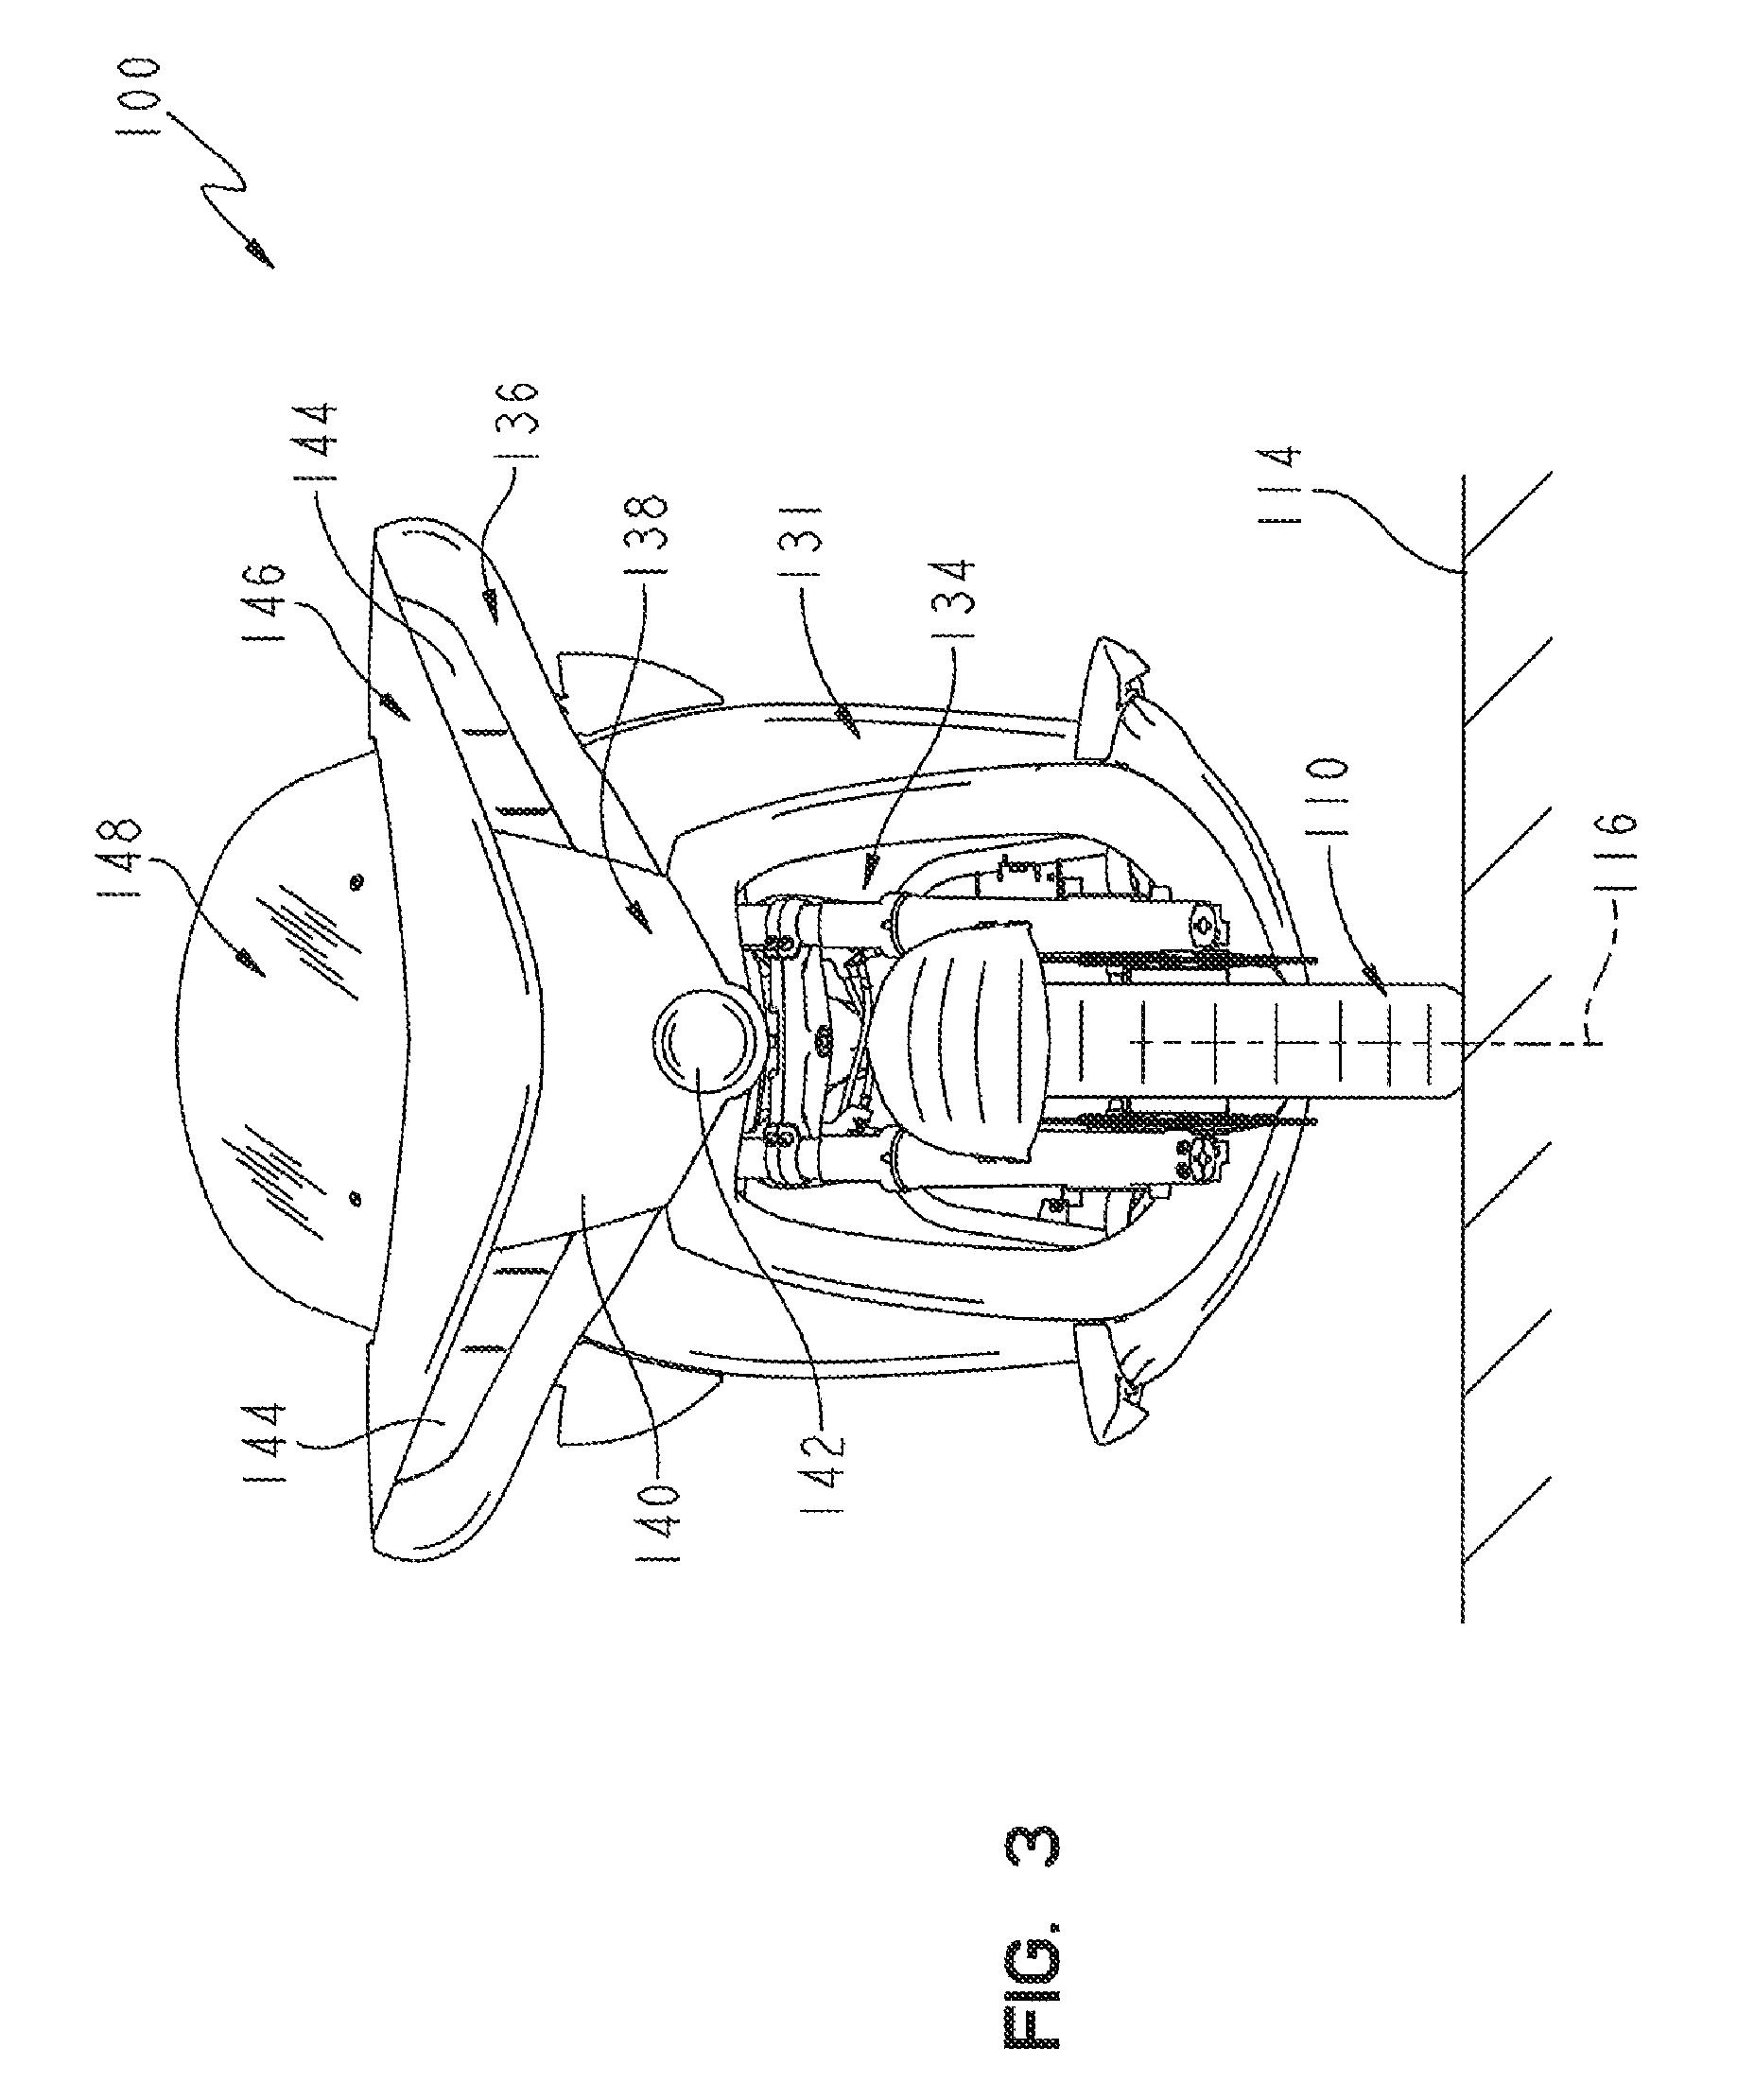 harley davidson wiring diagram download 2004 isuzu rodeo radio fairing free schematic